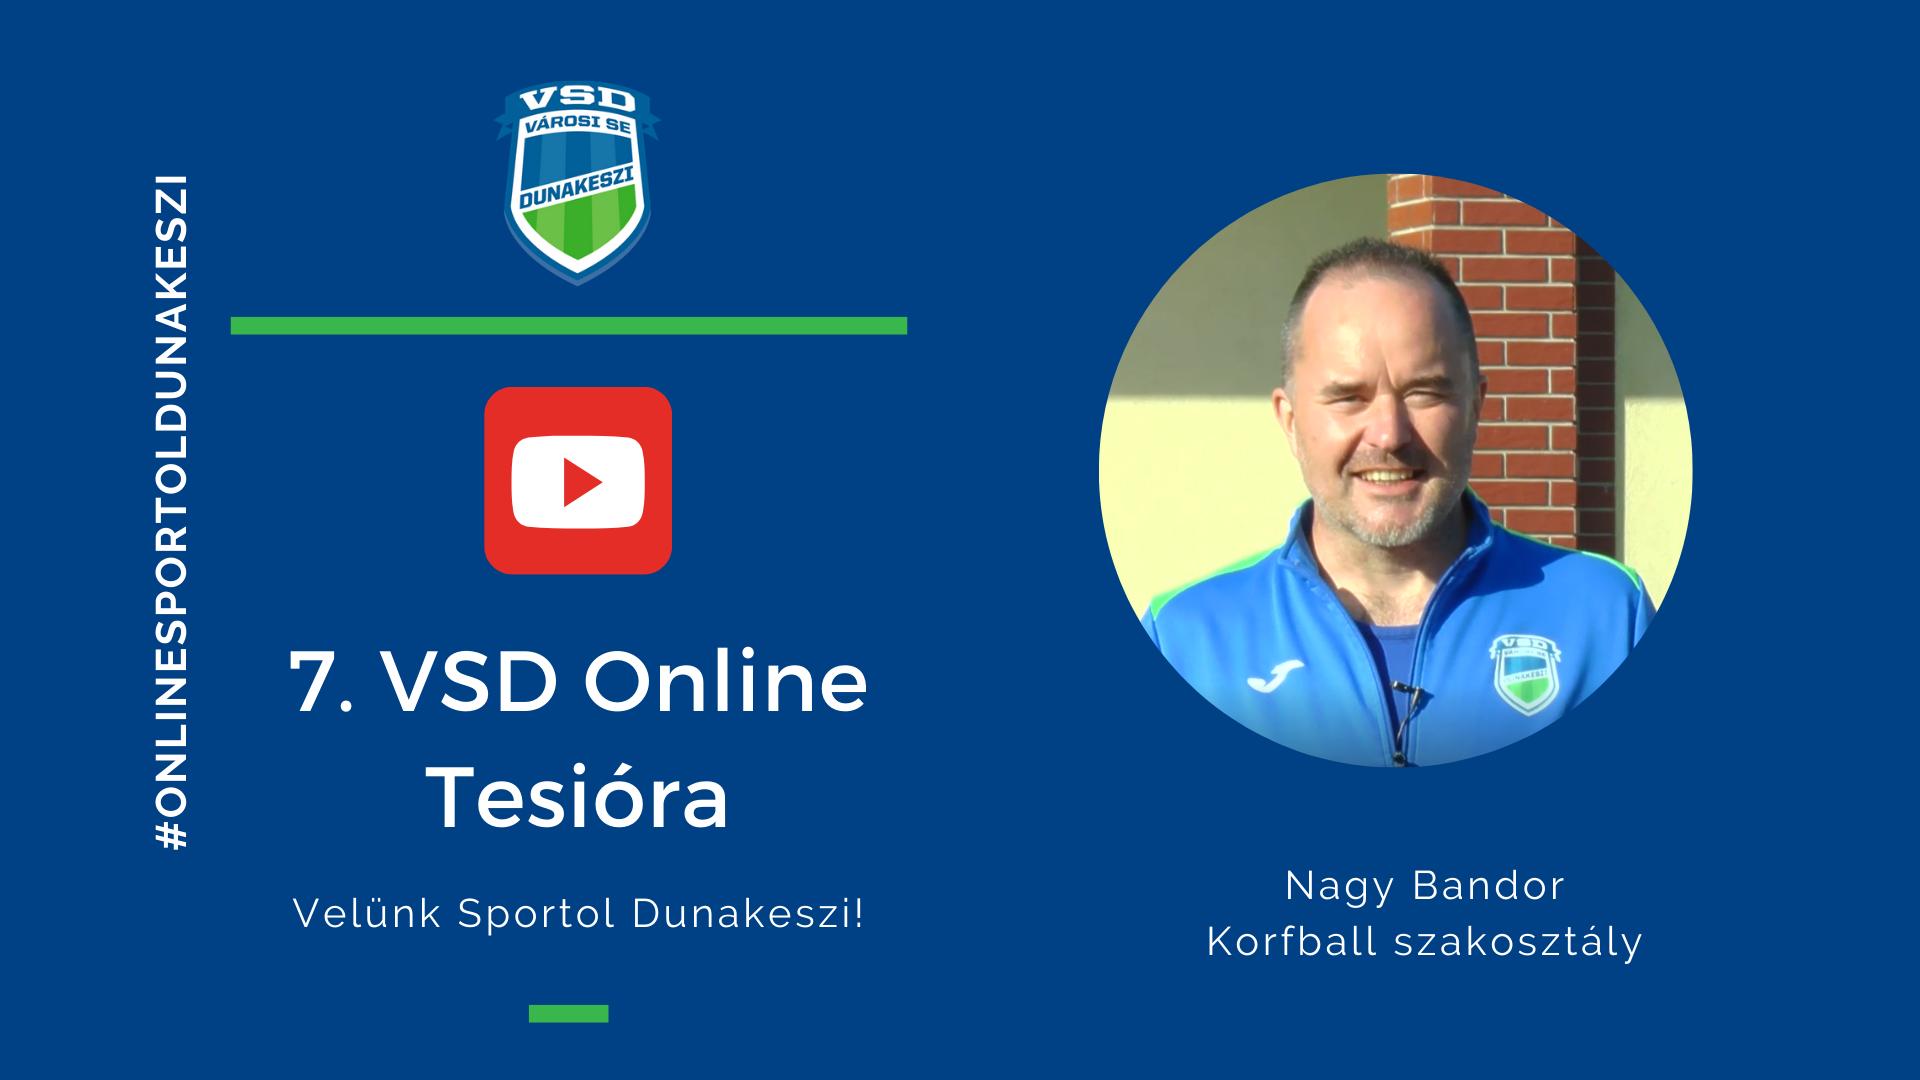 VSD korfball online tesi